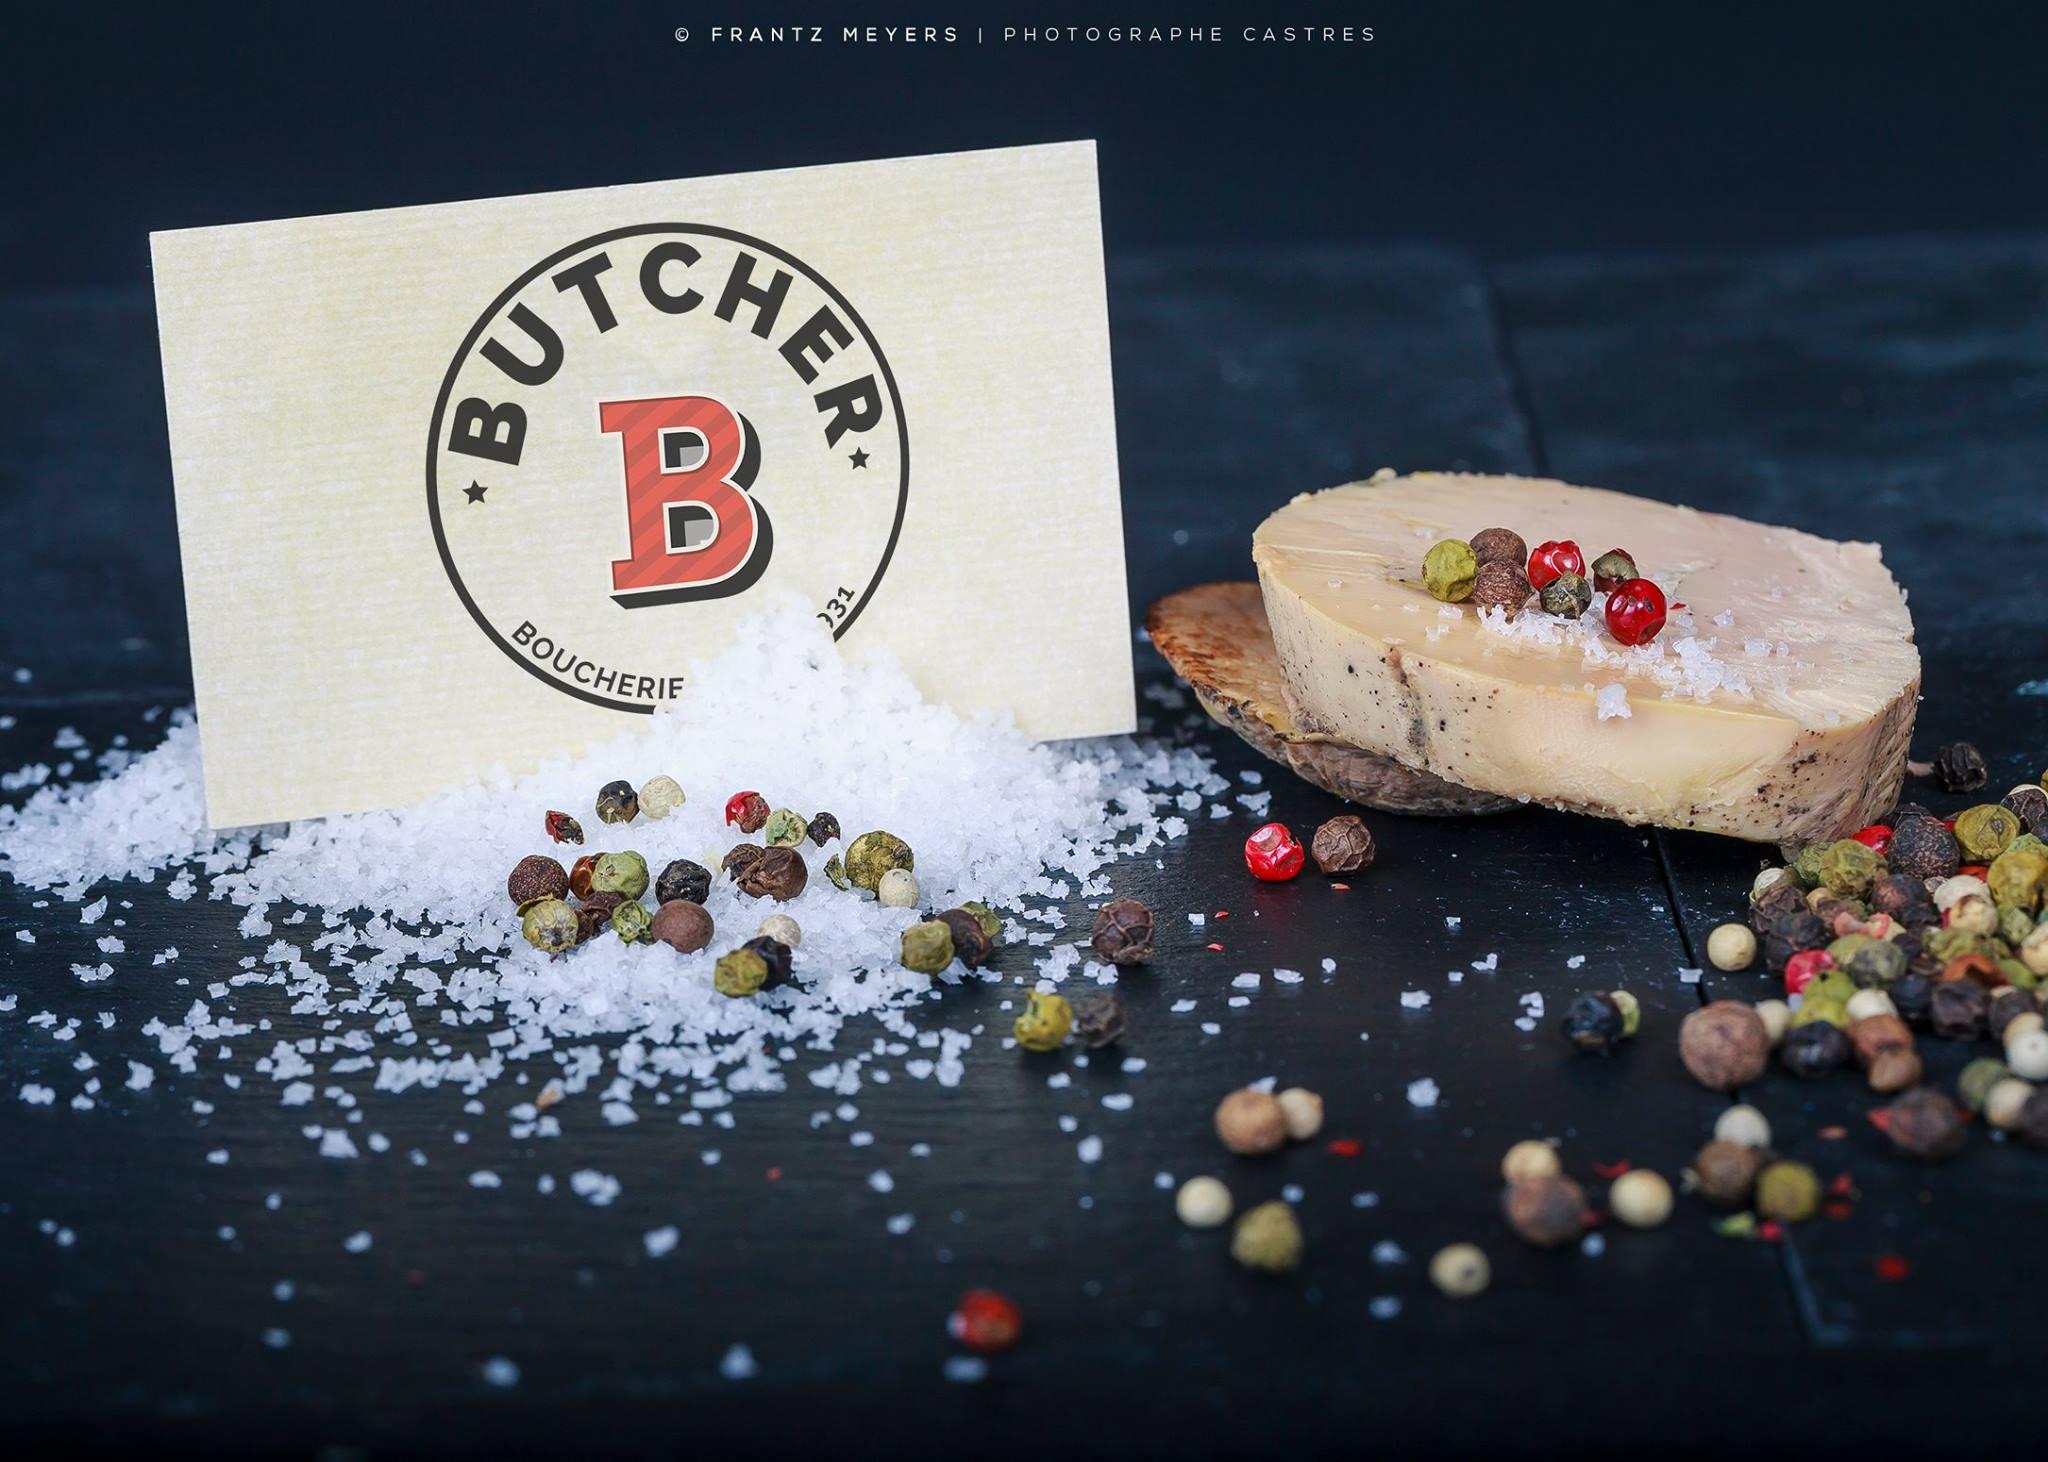 boucherie-bousquet-castres-3